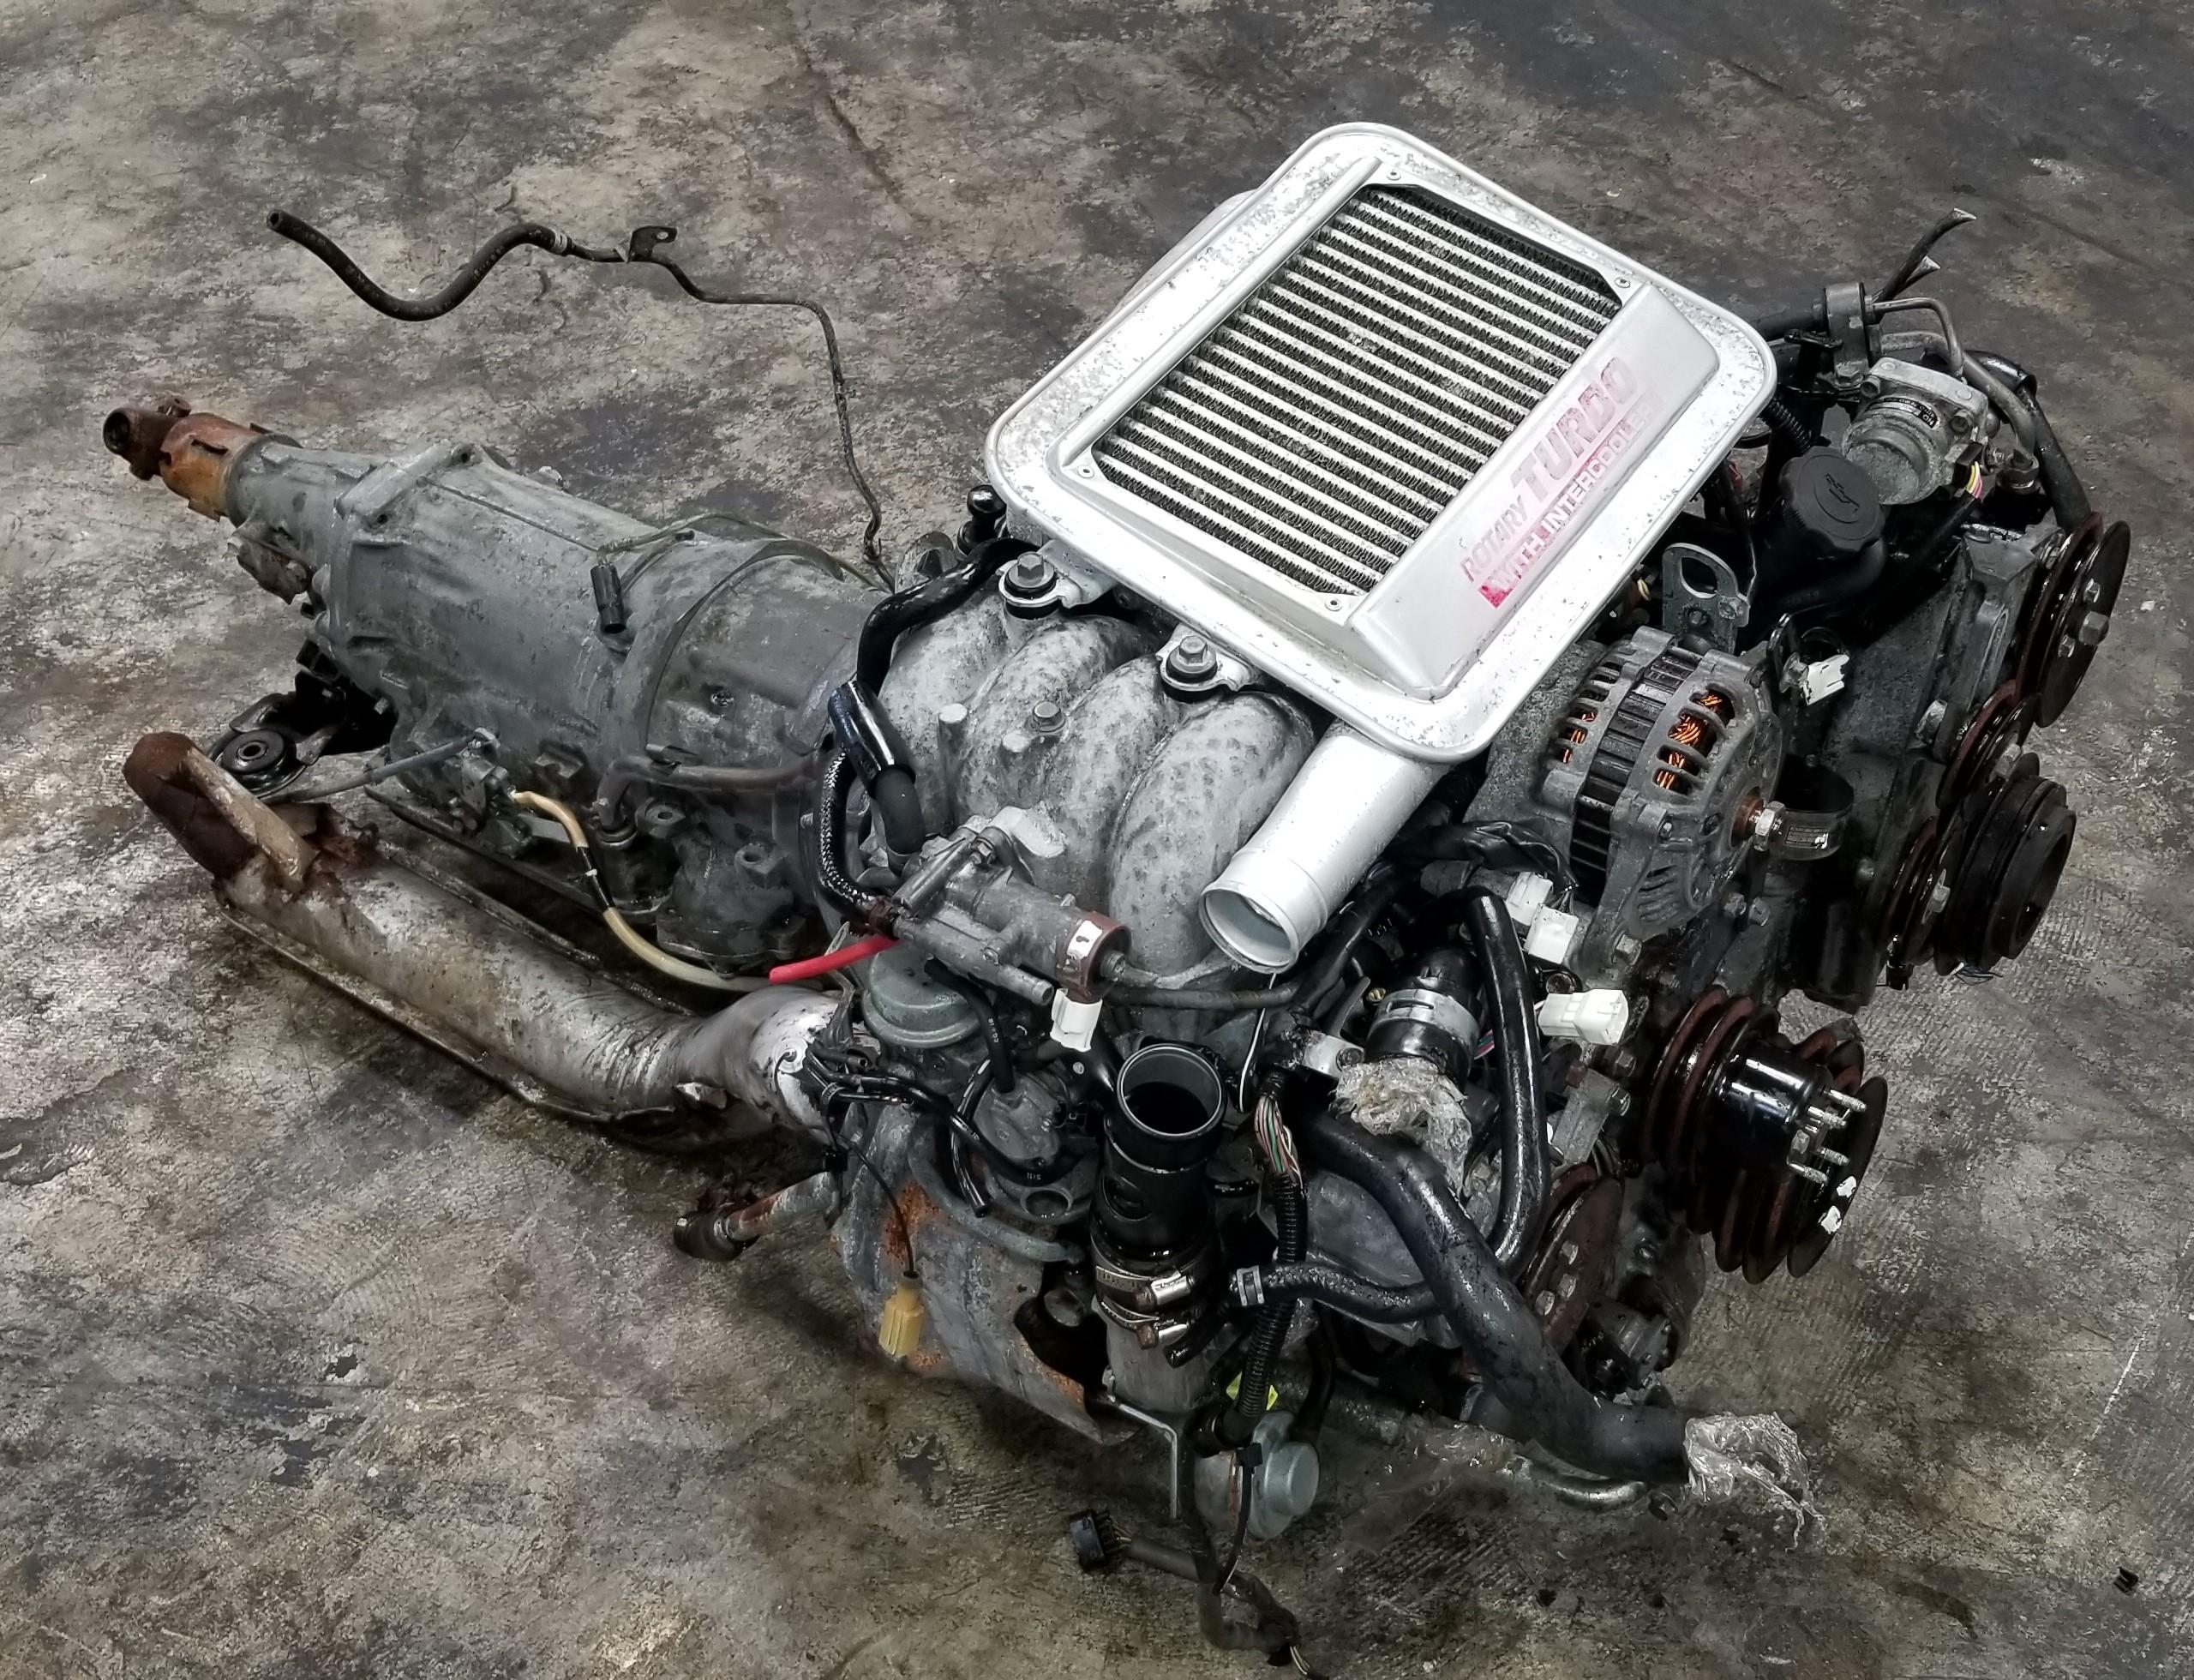 Характеристики двигателей toyota серии к представленные в таблице помогают наглядно проследить путь их совершенствования.